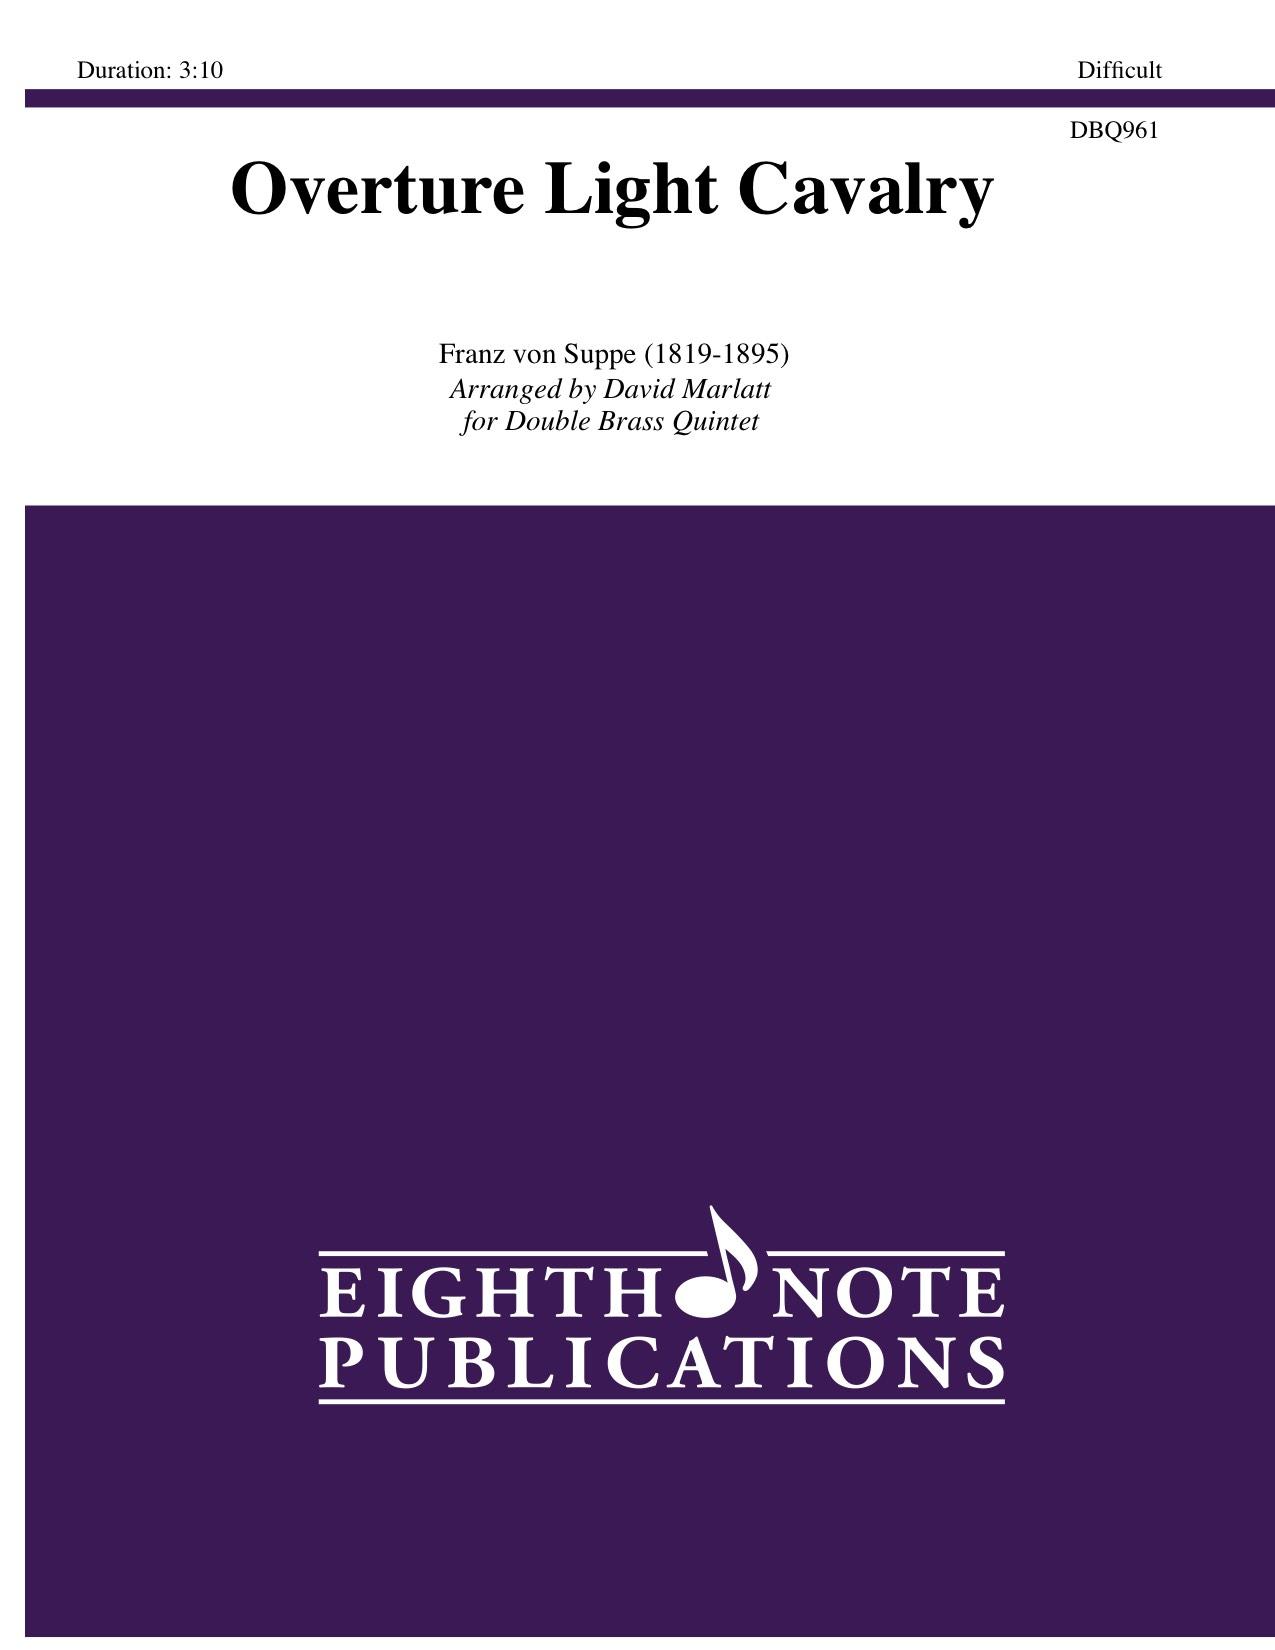 軽騎兵序曲(フランツ・フォン・スッペ)(金管十重奏)【Overture Light Cavalry】